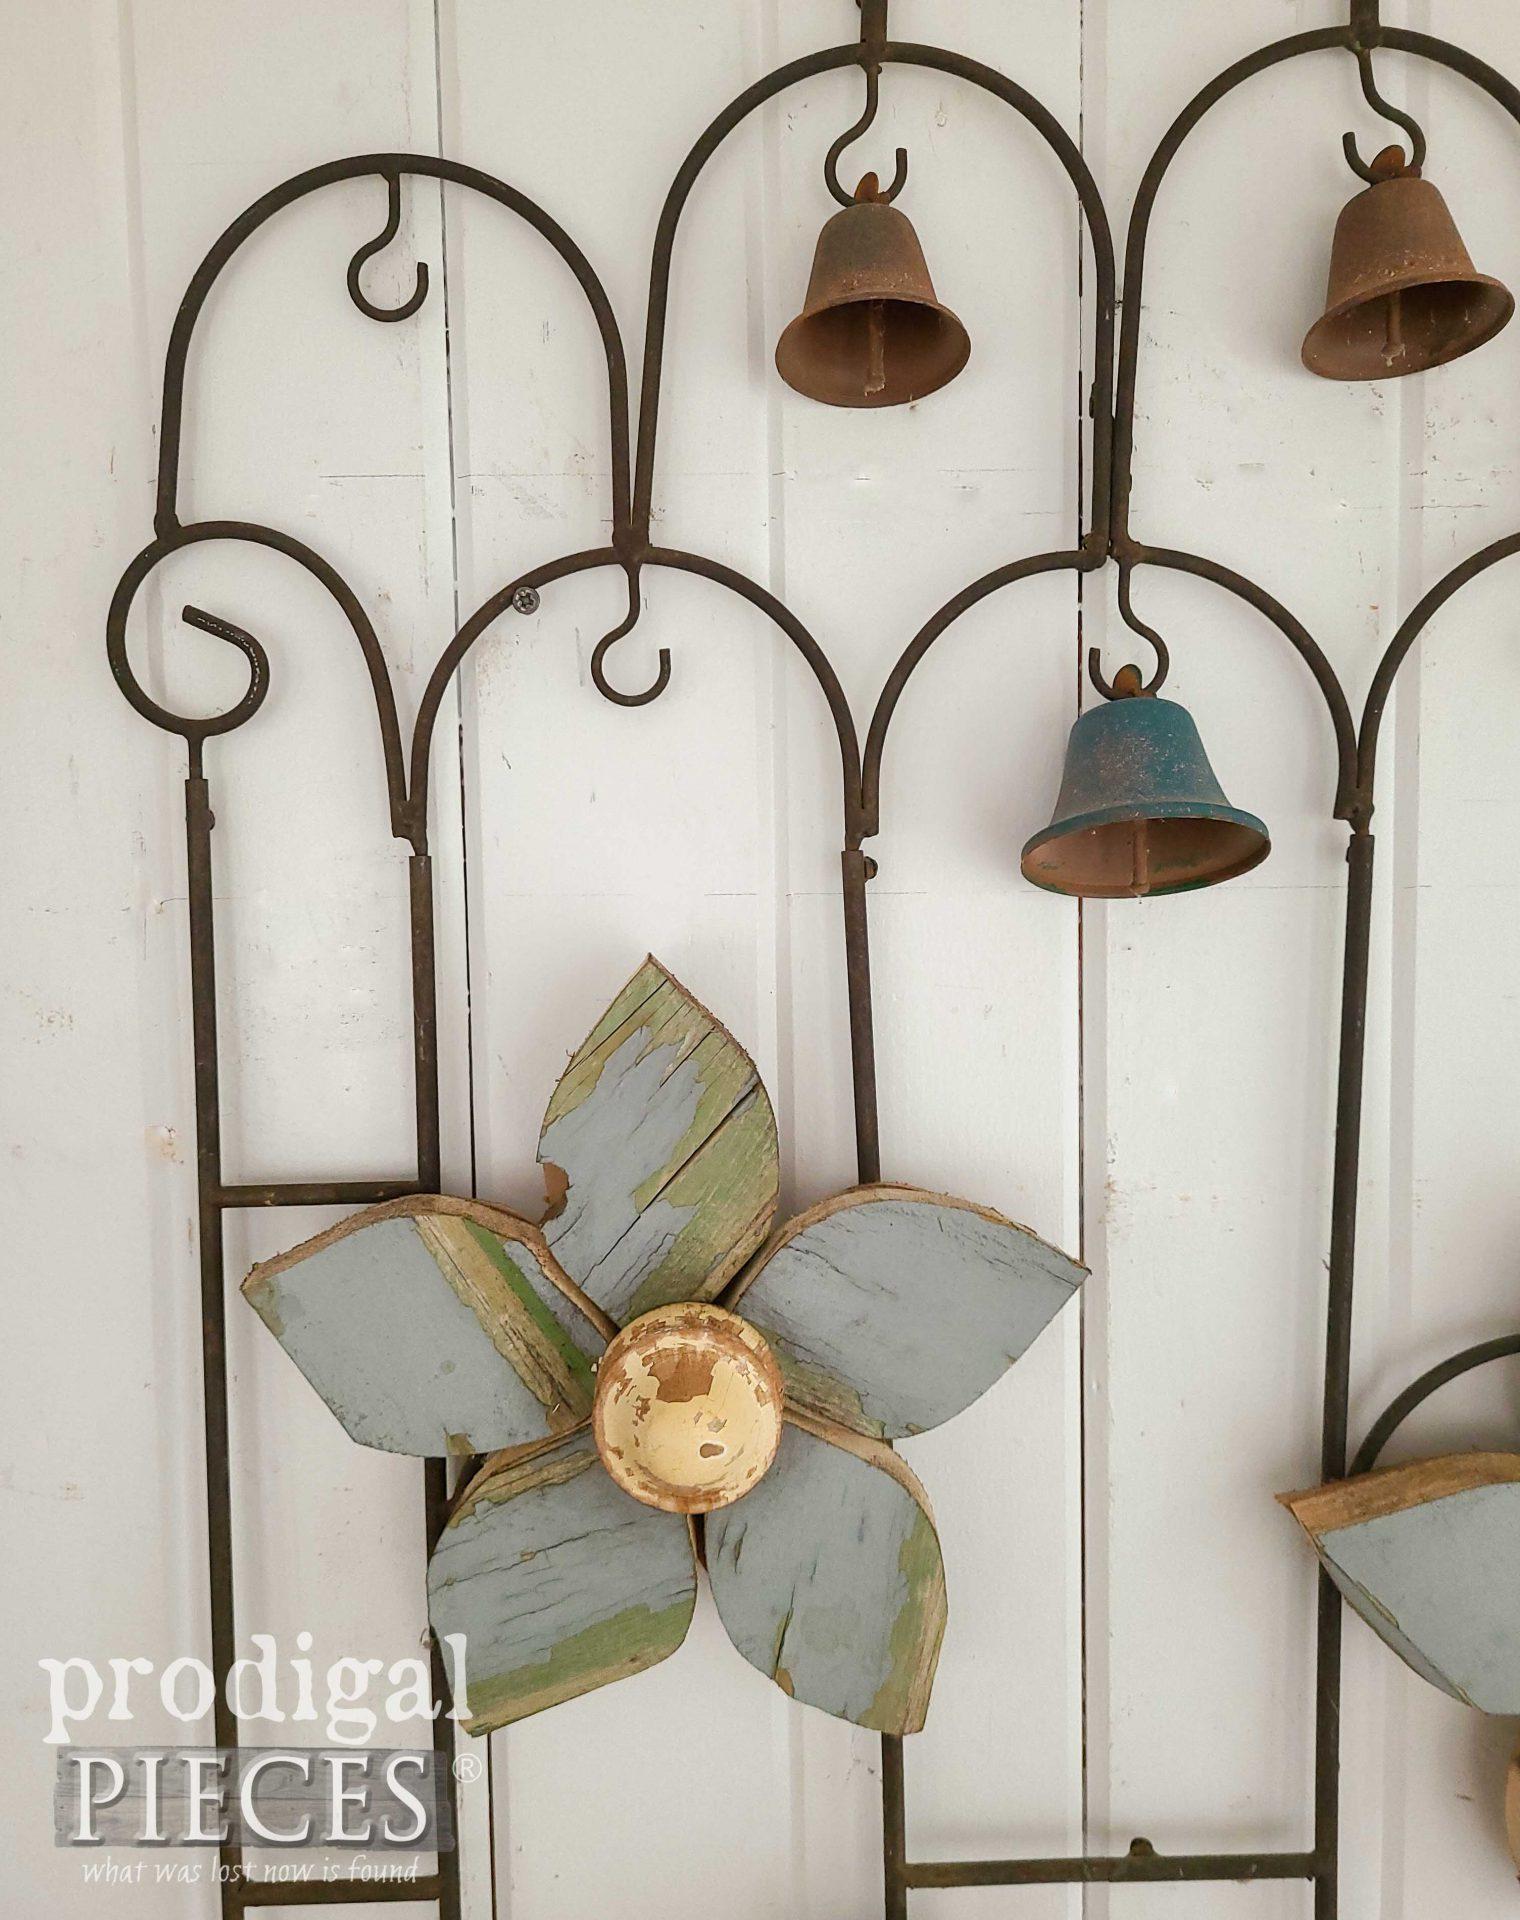 Reclaimed Wood Flower Art by Larissa of Prodigal Pieces | prodigalpieces.com #prodigalpieces #diy #reclaimed #home #homedecor